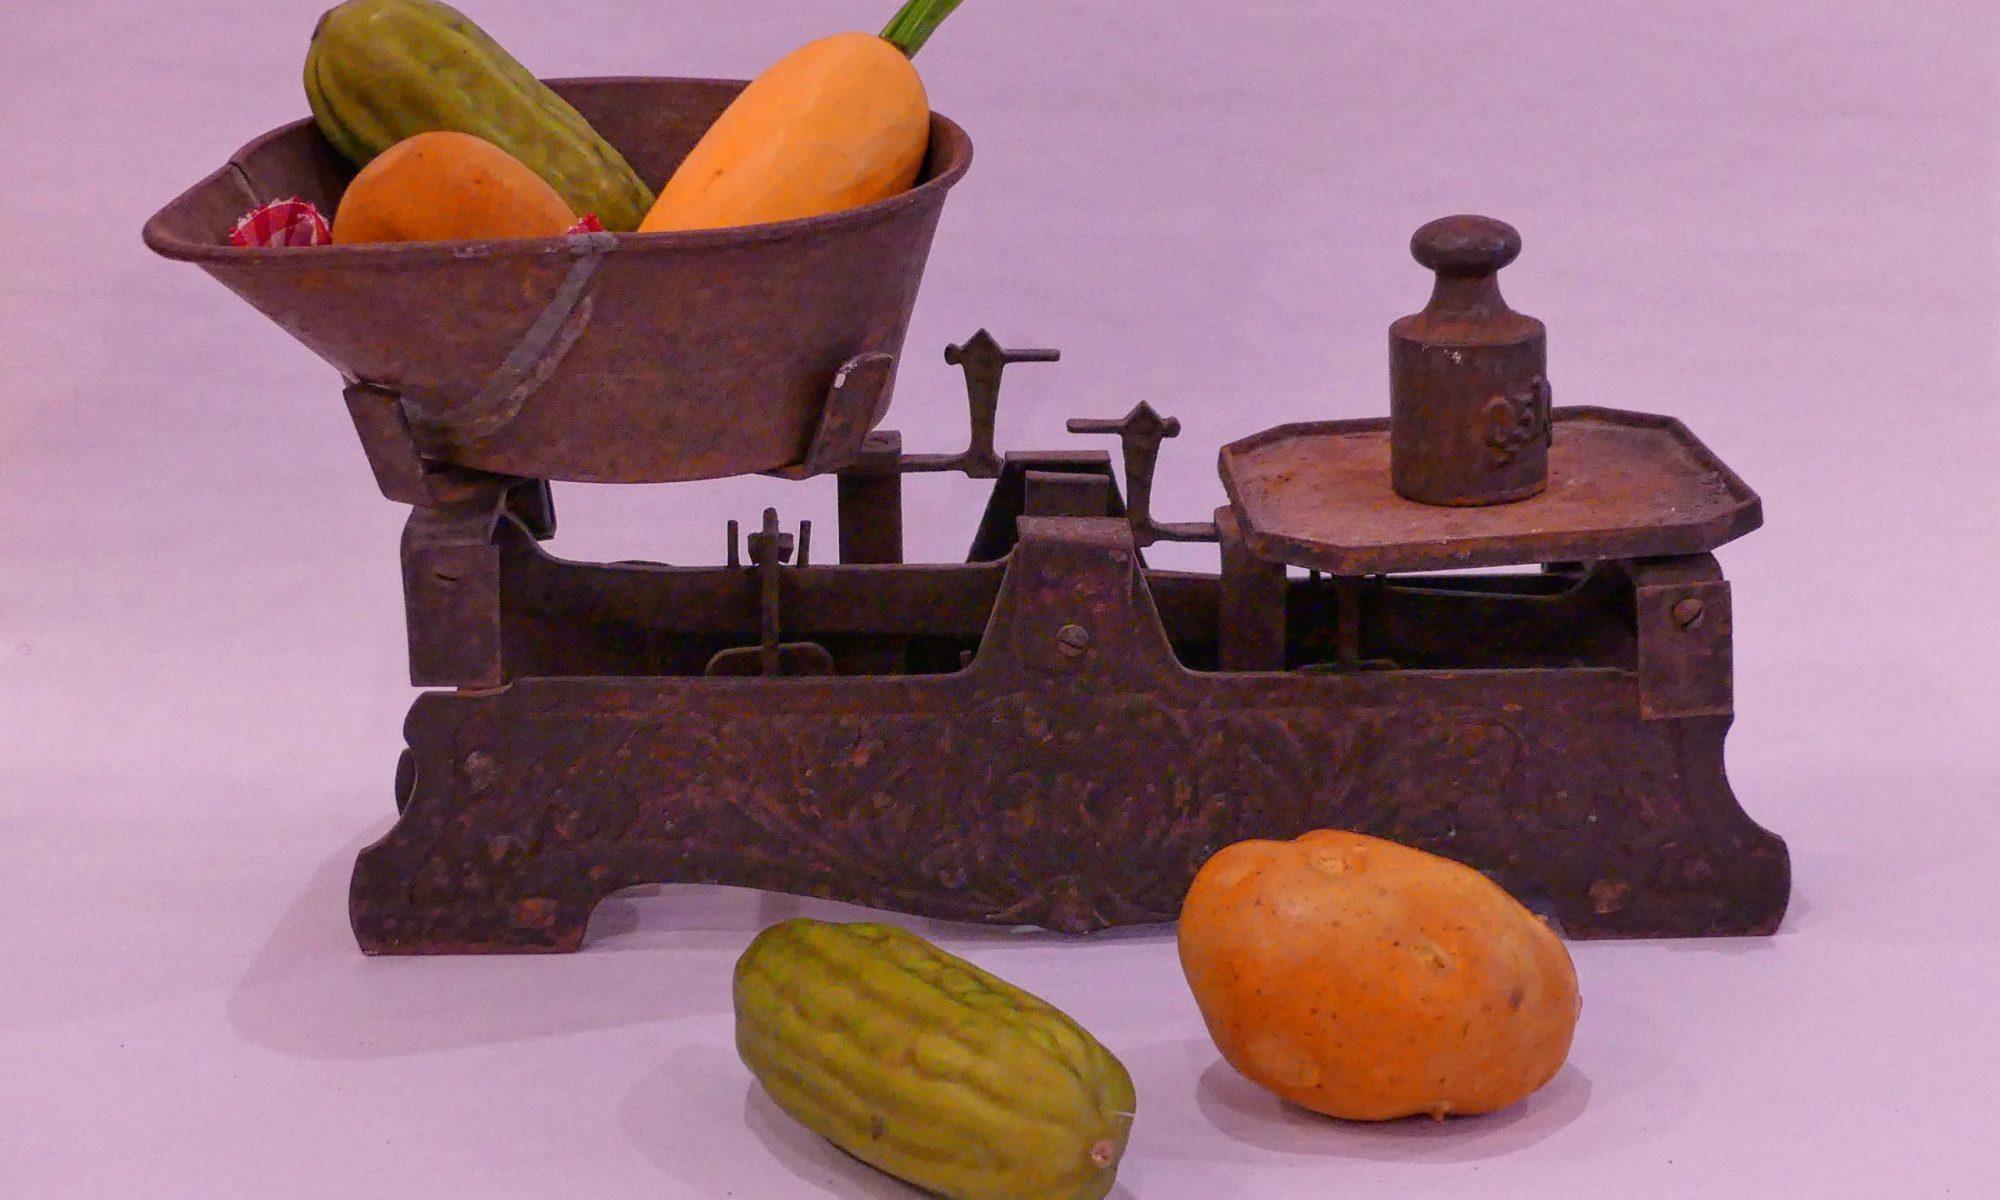 Alte Waage mit Gemüse - Teil der Fotoausstellung der Fotofreunde Wolbeck